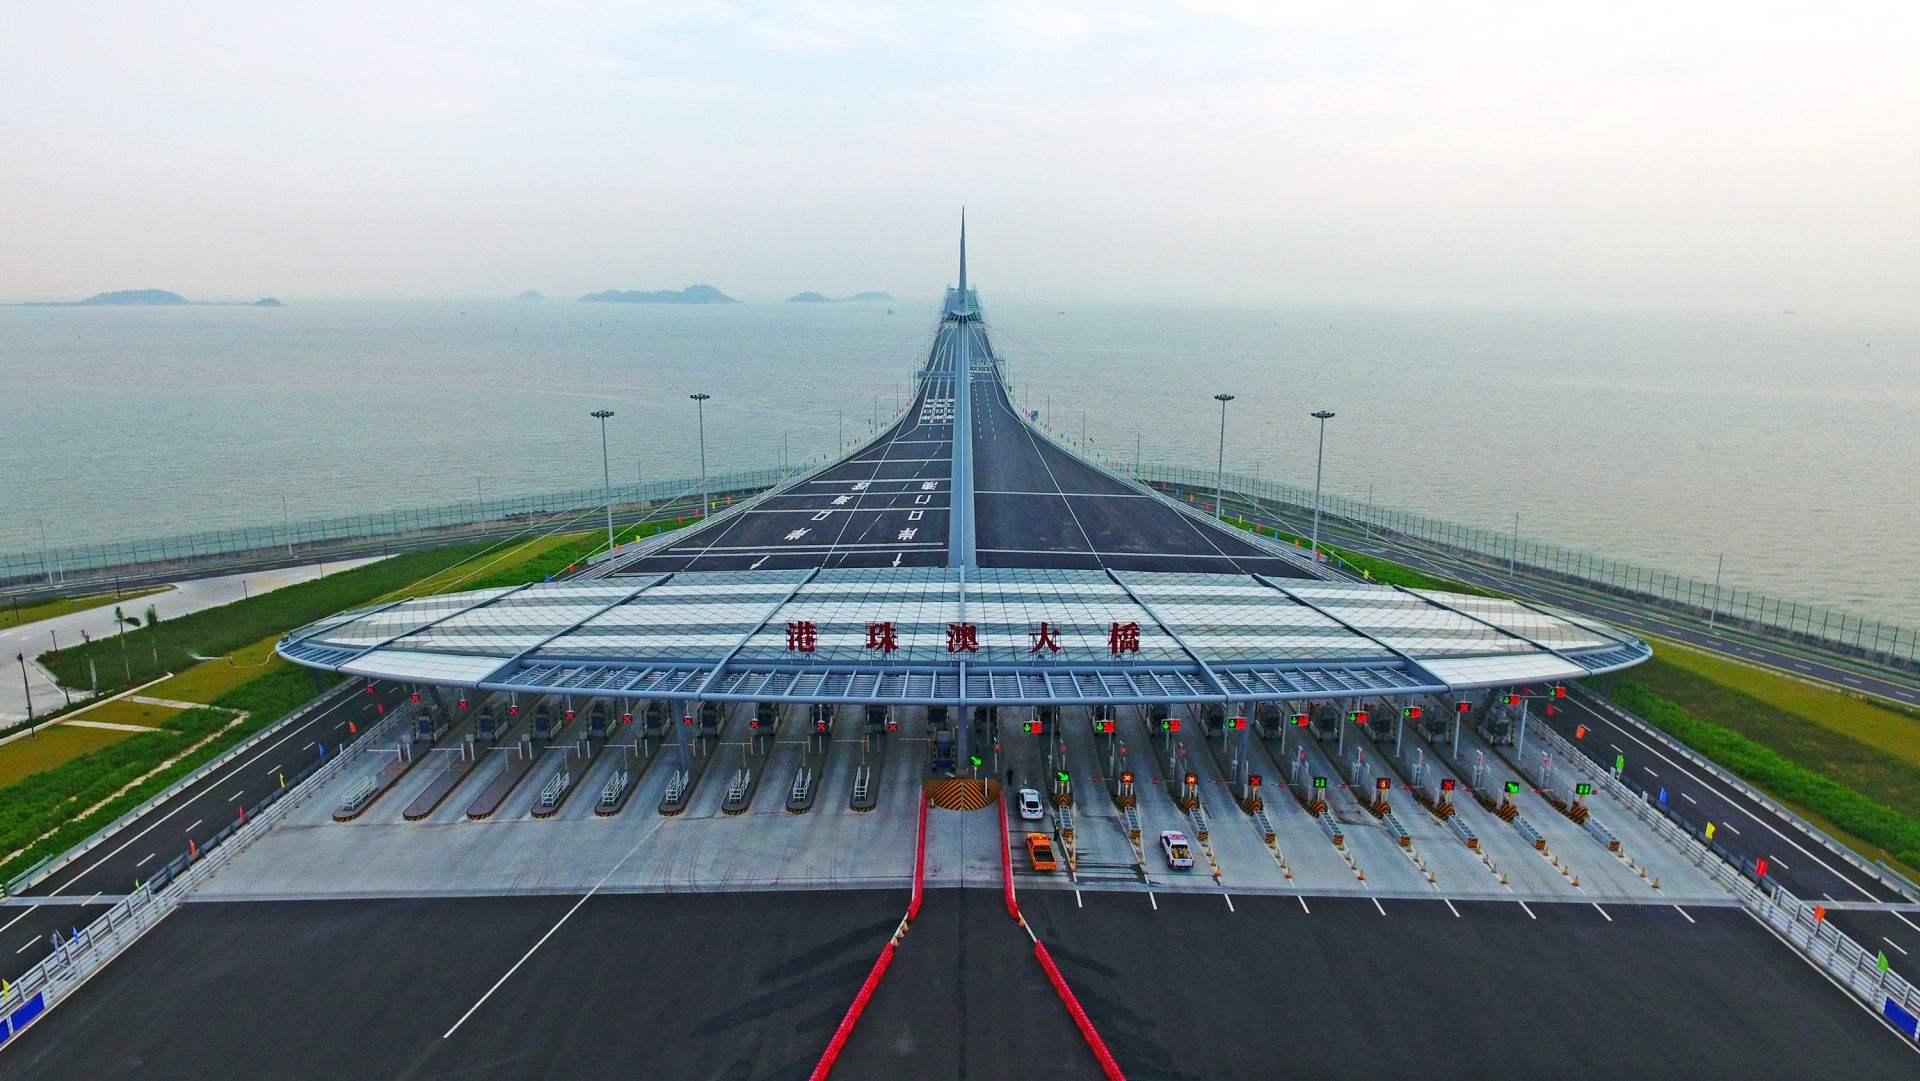 细数耗资千亿港珠澳大桥通关车辆少的原因